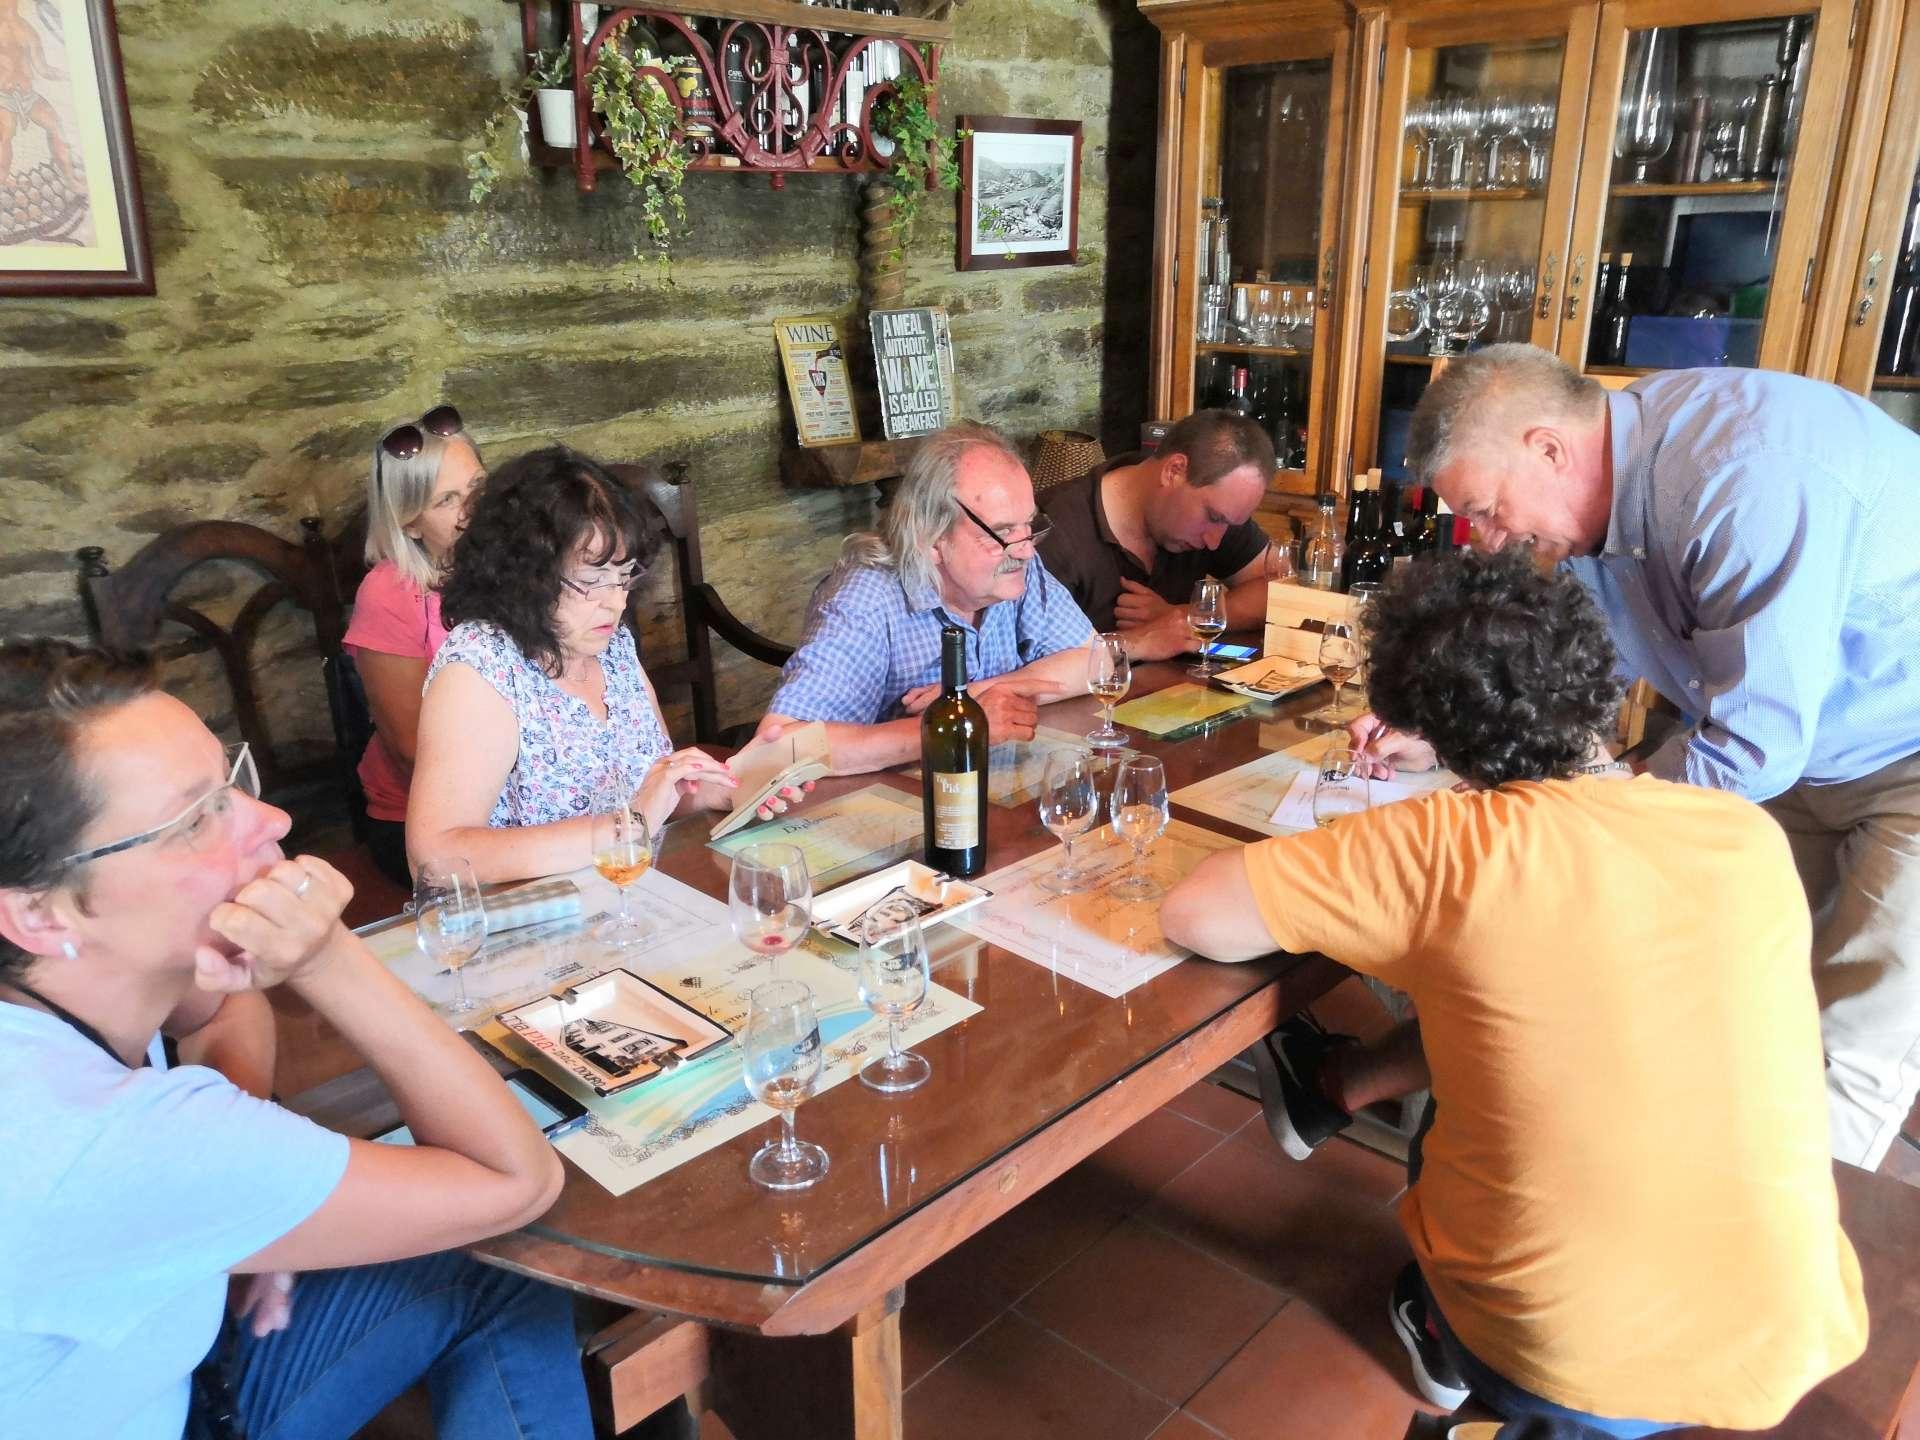 Odpolední návštěva v Quinta da Estrada. Pán domu José je vynikající vinař, jenž se zaměřuje především na tichá vína. Ta v Douru najdete jako kupáže více odrůd. Je v tom pak umění každého winemakera, jaký originální blend vytvoří.